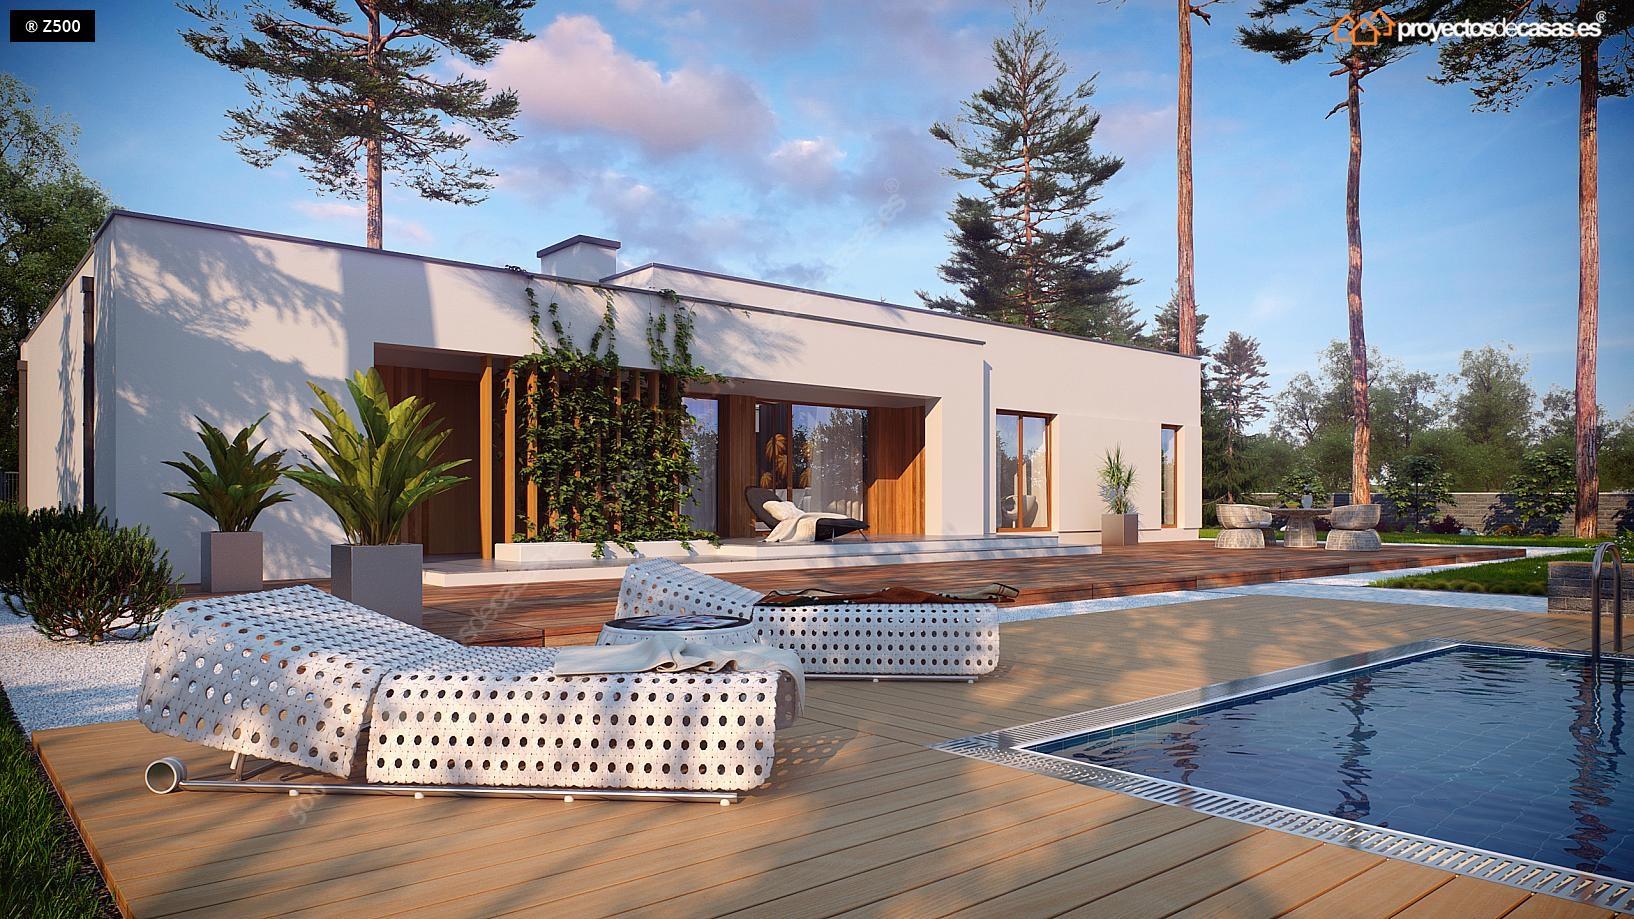 Proyectos de casas casa minimalista de 1 planta con for Proyectos minimalistas